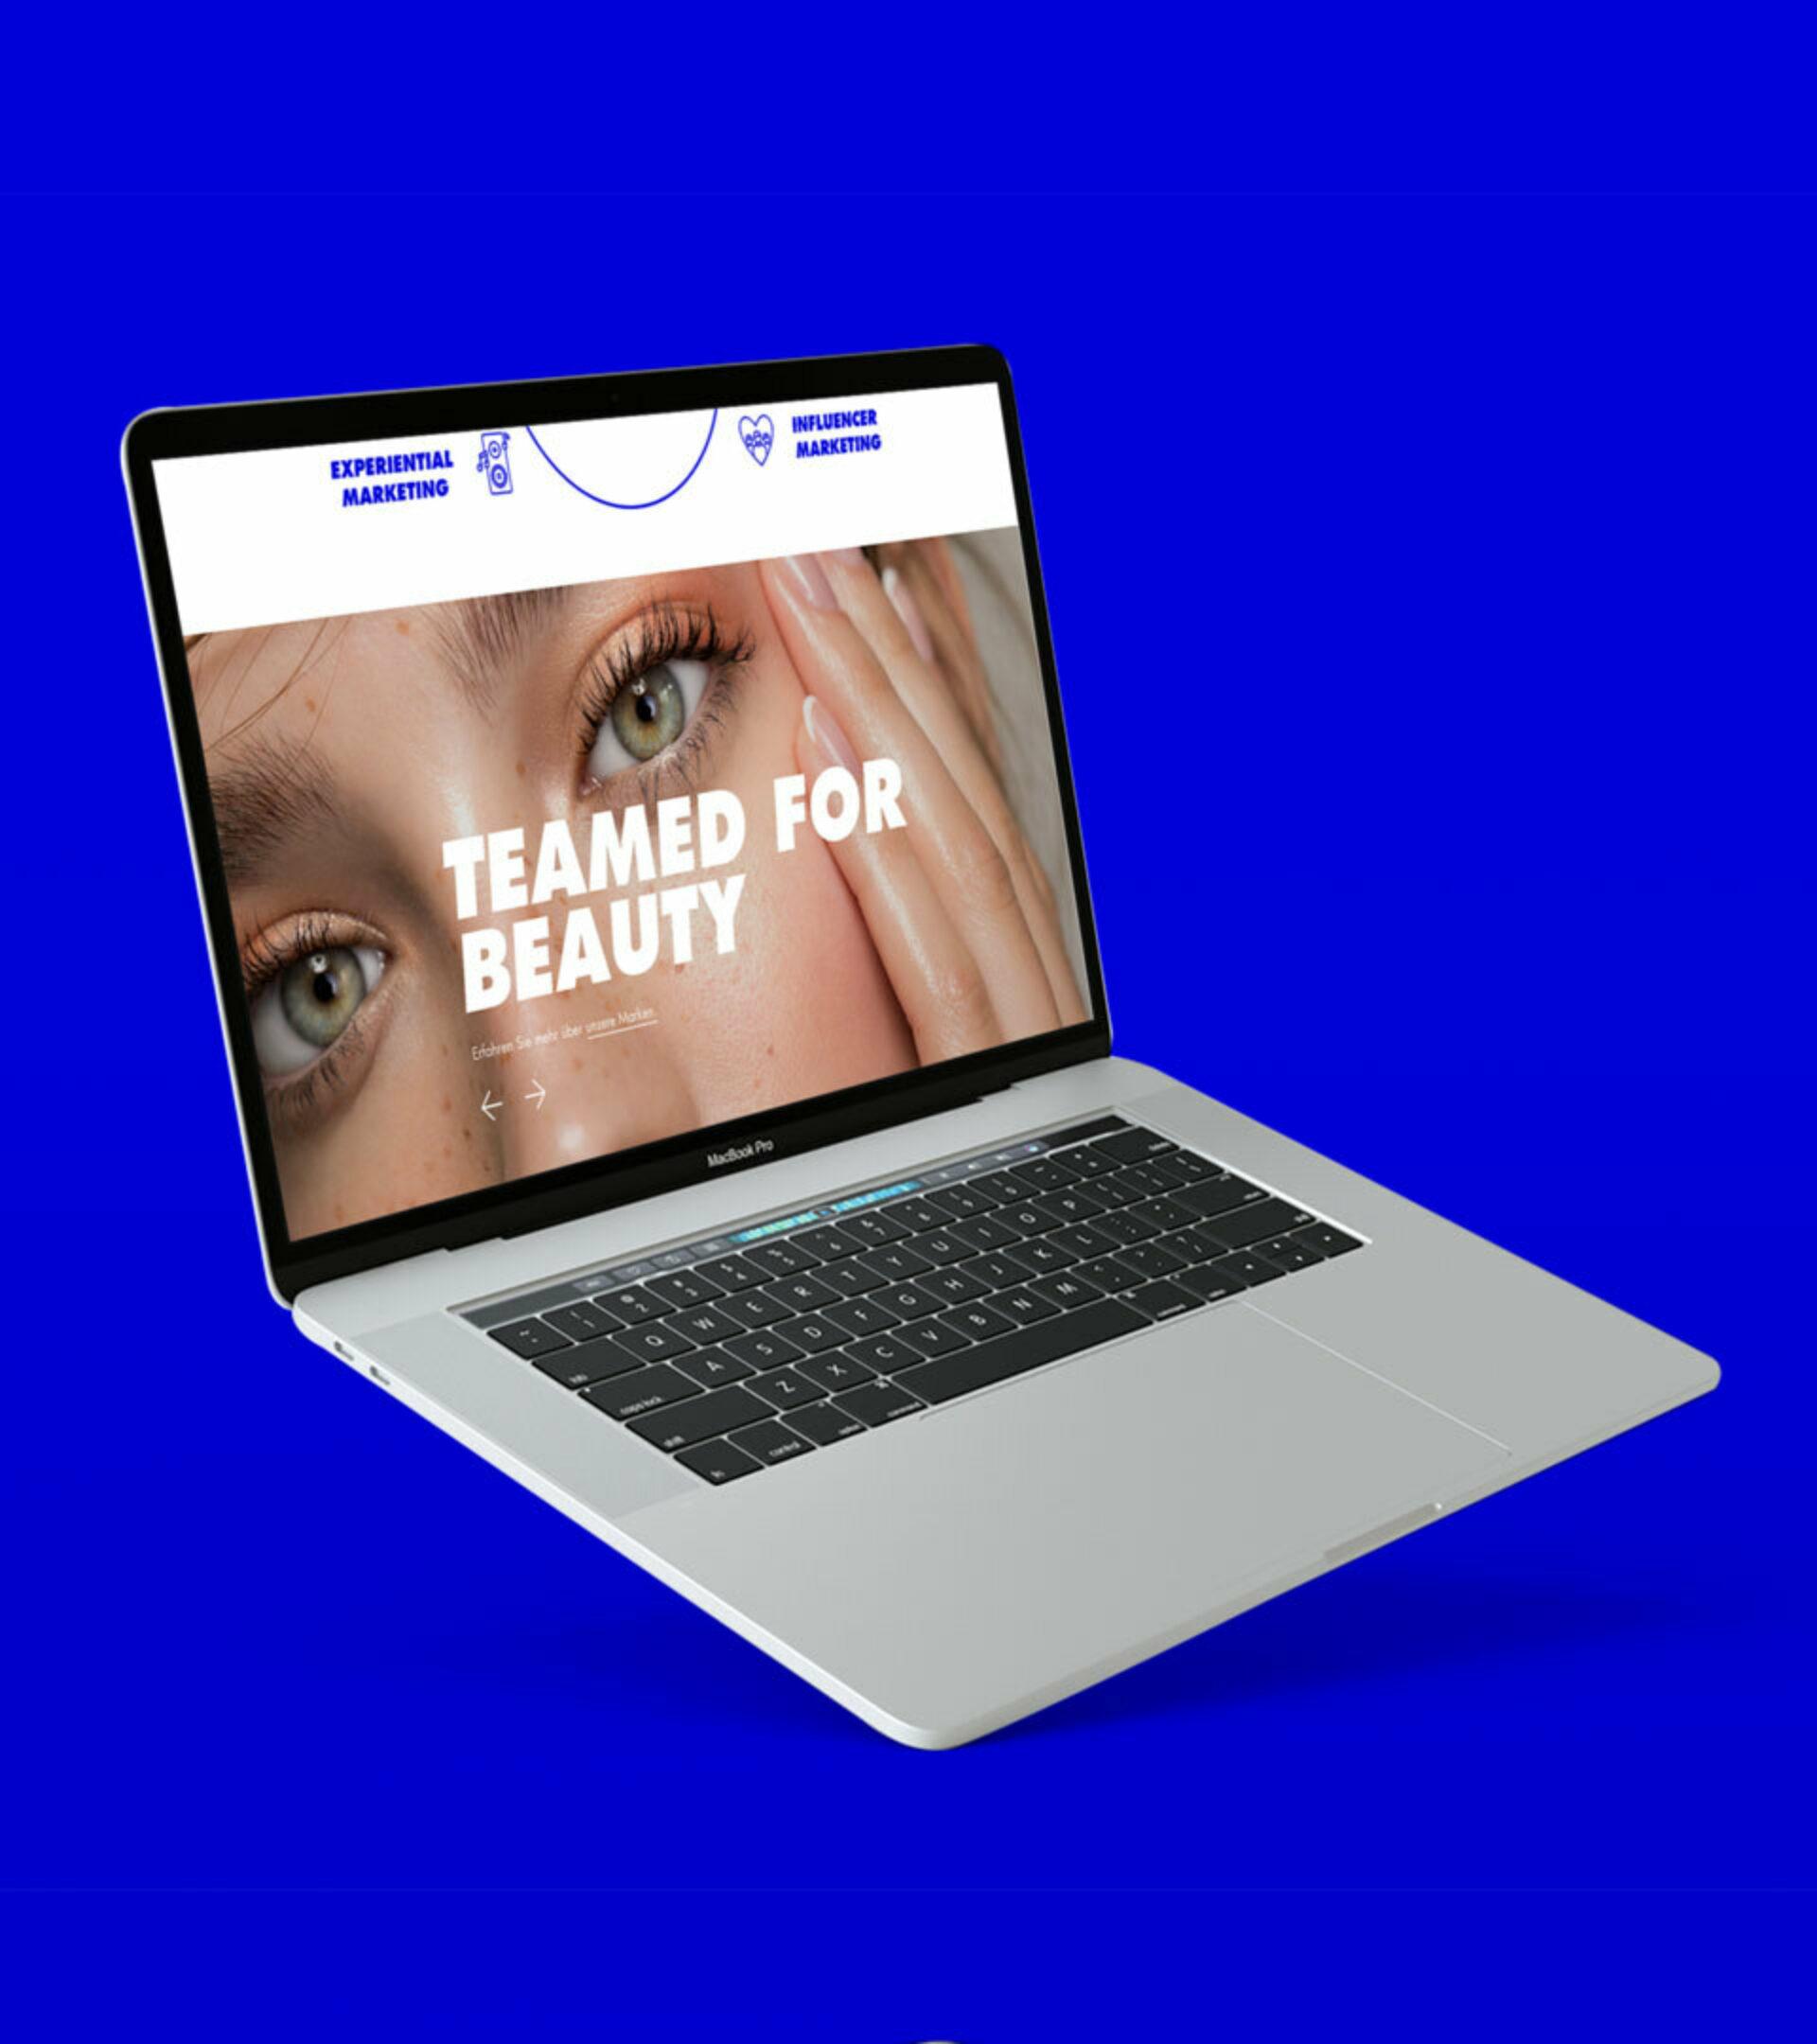 Aufgeklappter Laptoptop auf blauem HIntergrund mit der Website von Bauer Advance und einem Beauty-Bild